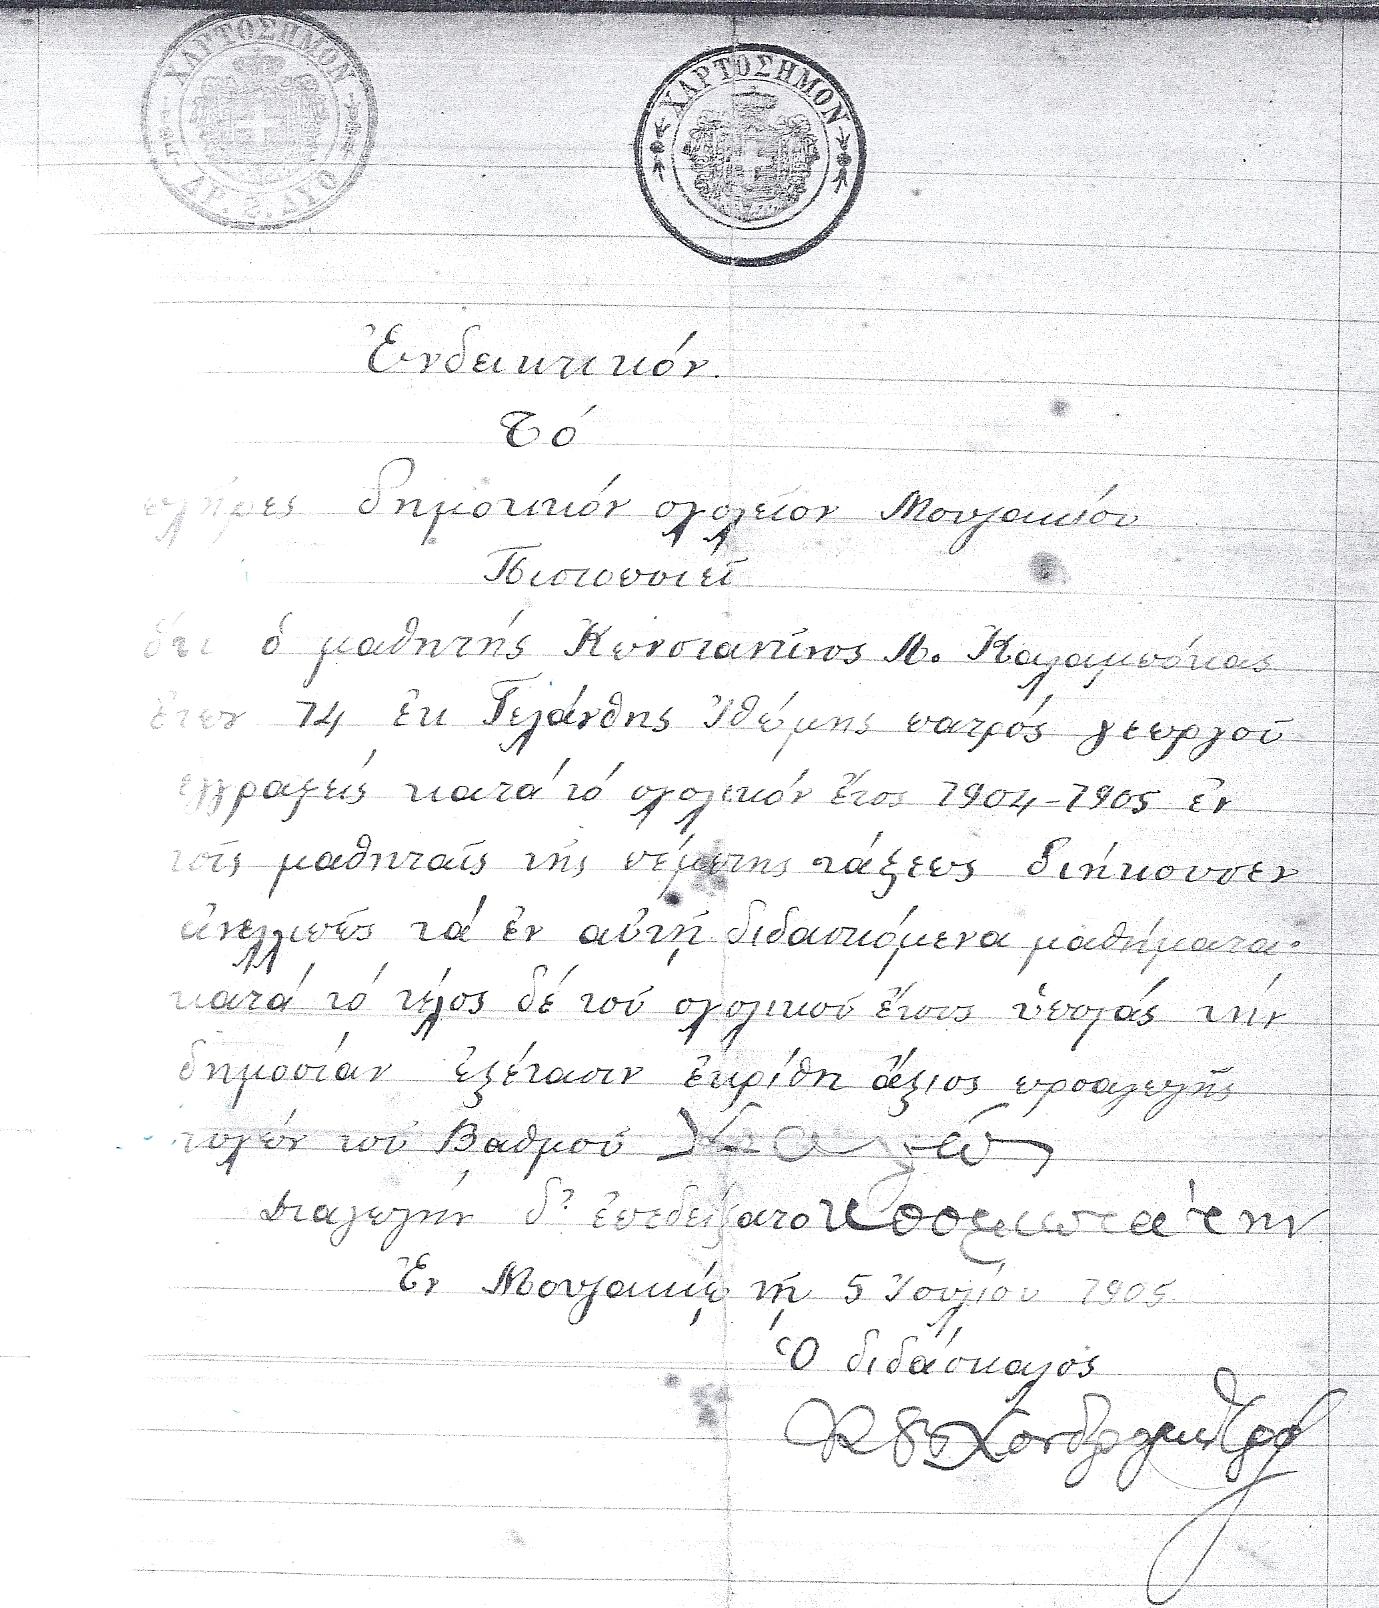 Ενδεικτικό σπουδών Κων/νου Νικ. Καλαμπόκα, 17-7-1905  (Αρχείο Κων/νου Παν. Καλαμπόκα).